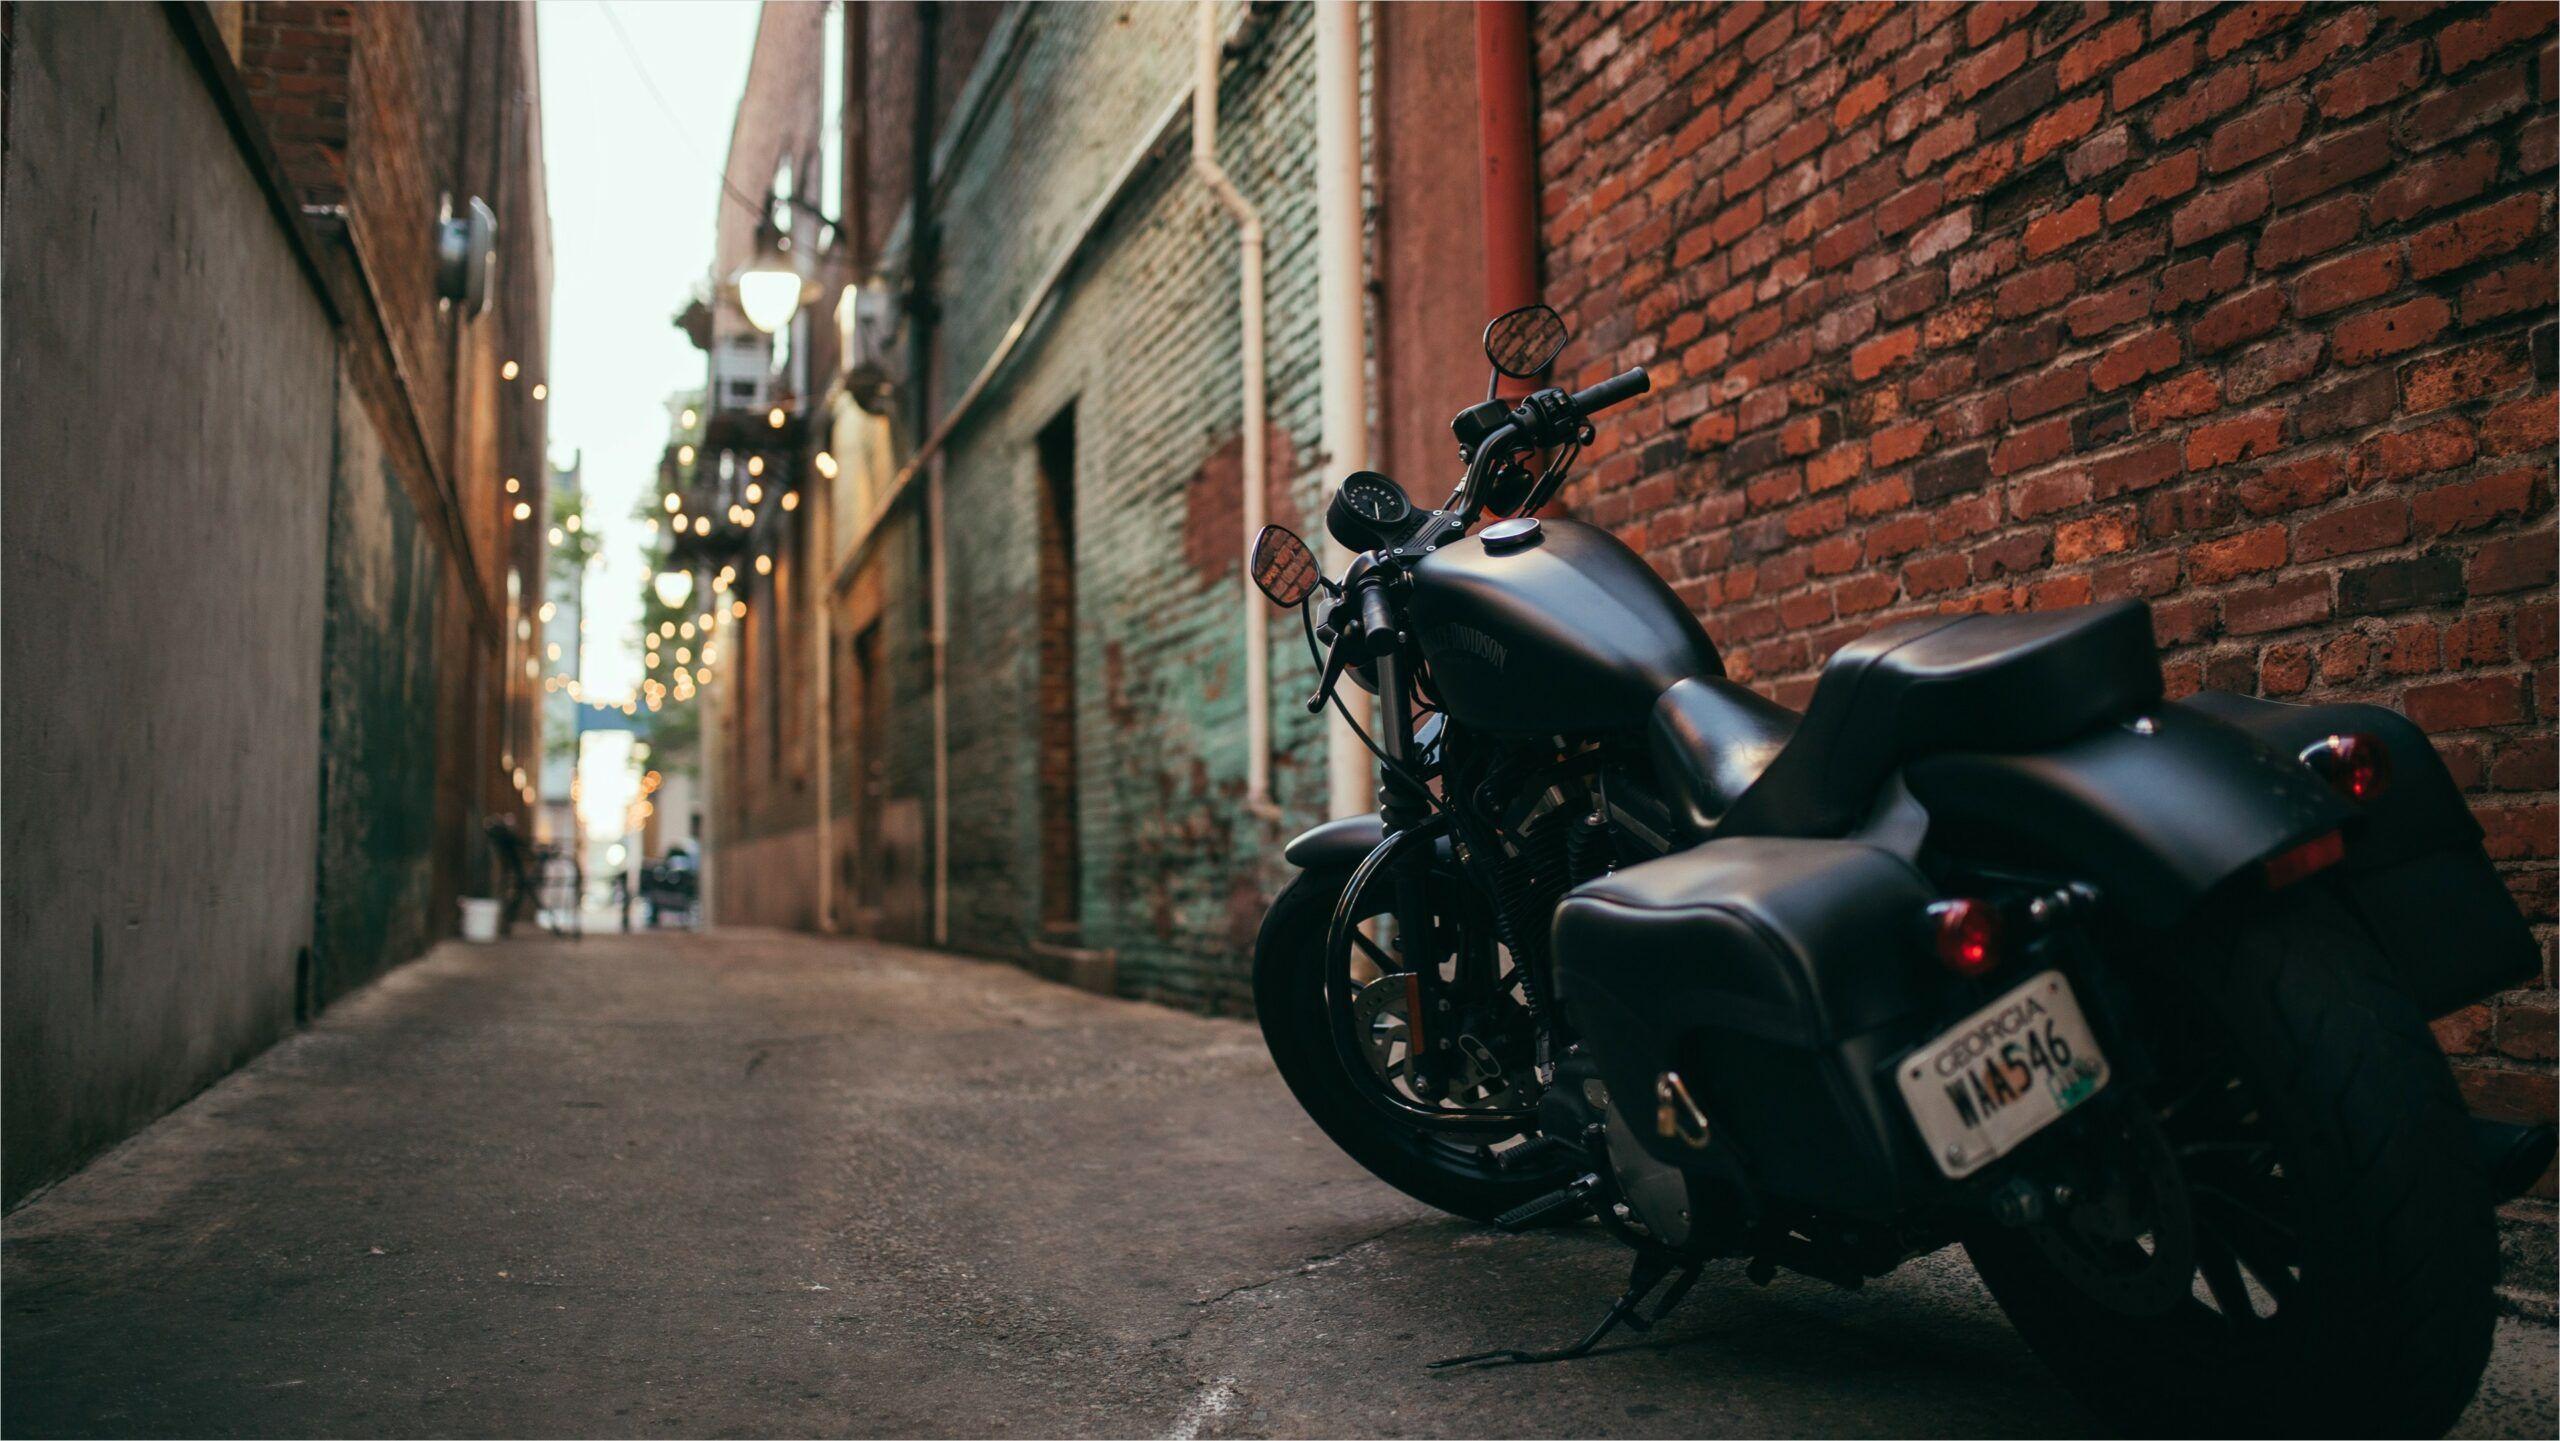 Harley Davidson 4k Wallpaper In 2020 Motorcycle Badass